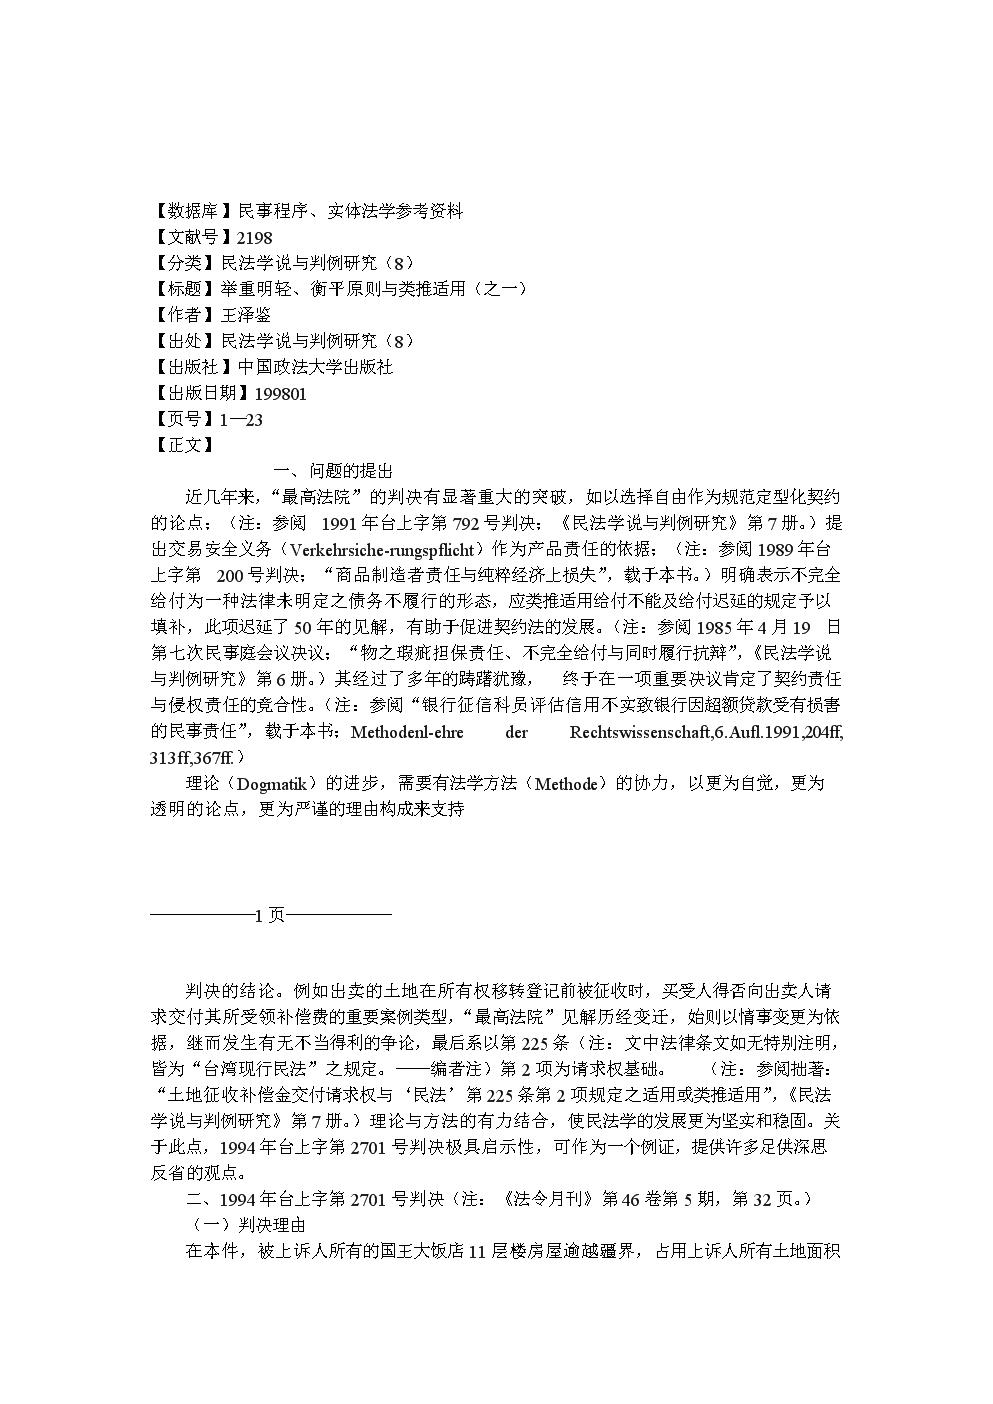 民法学说与判例研究 1-23举重明轻.doc